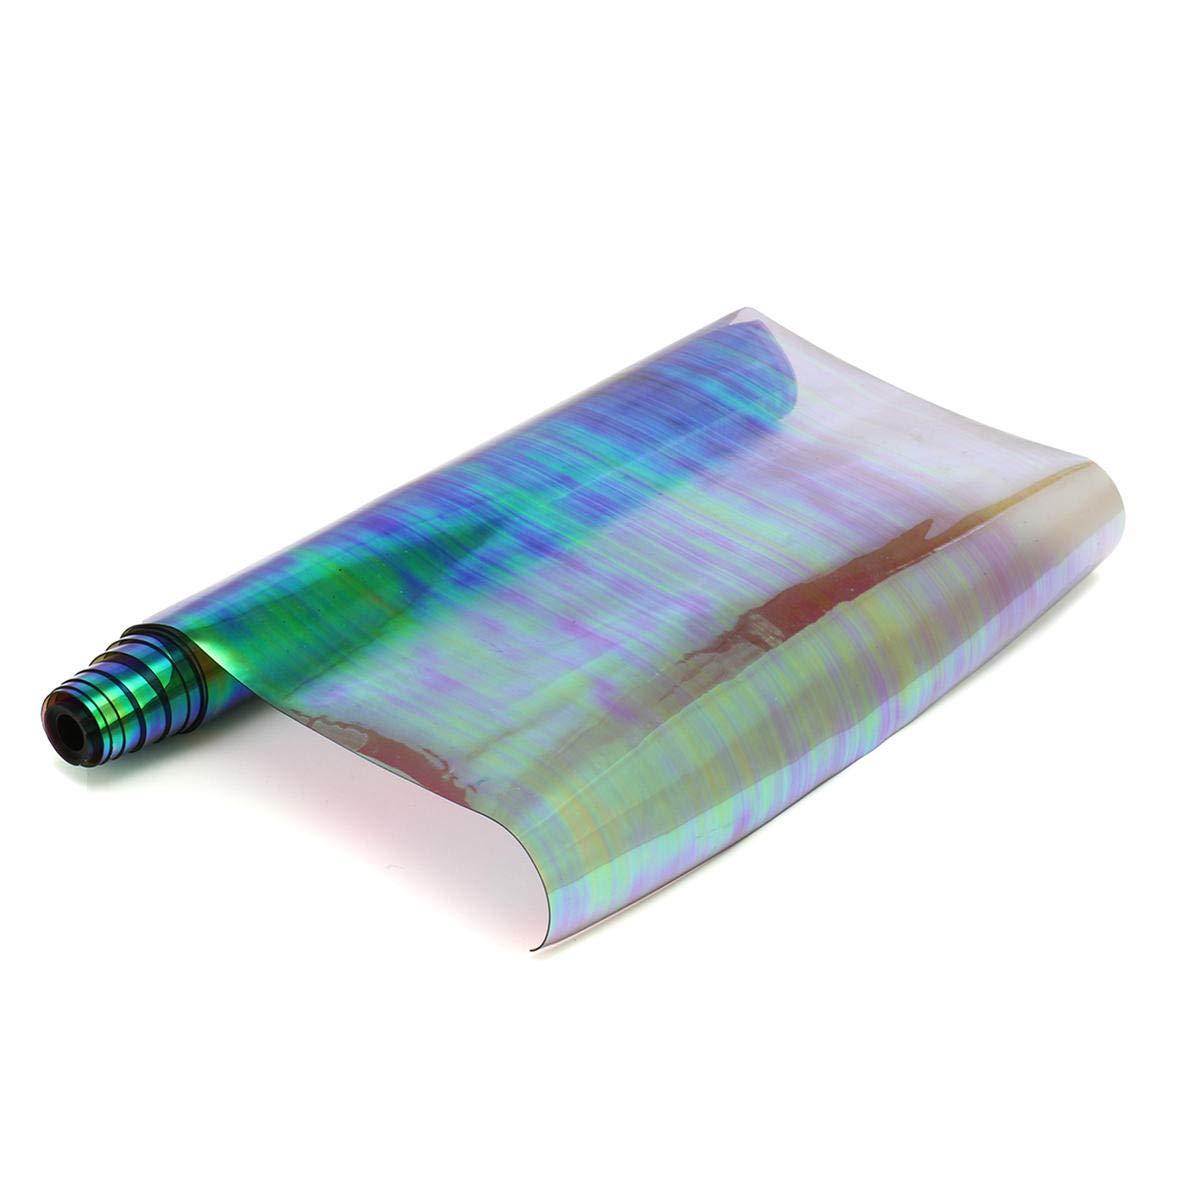 olografico roll Clear pellicola a specchio con copertura in vinile grafiche tessuto per strumento artigianale in pelle Tessuto olografico film Faway 2095/cm in PVC grigio